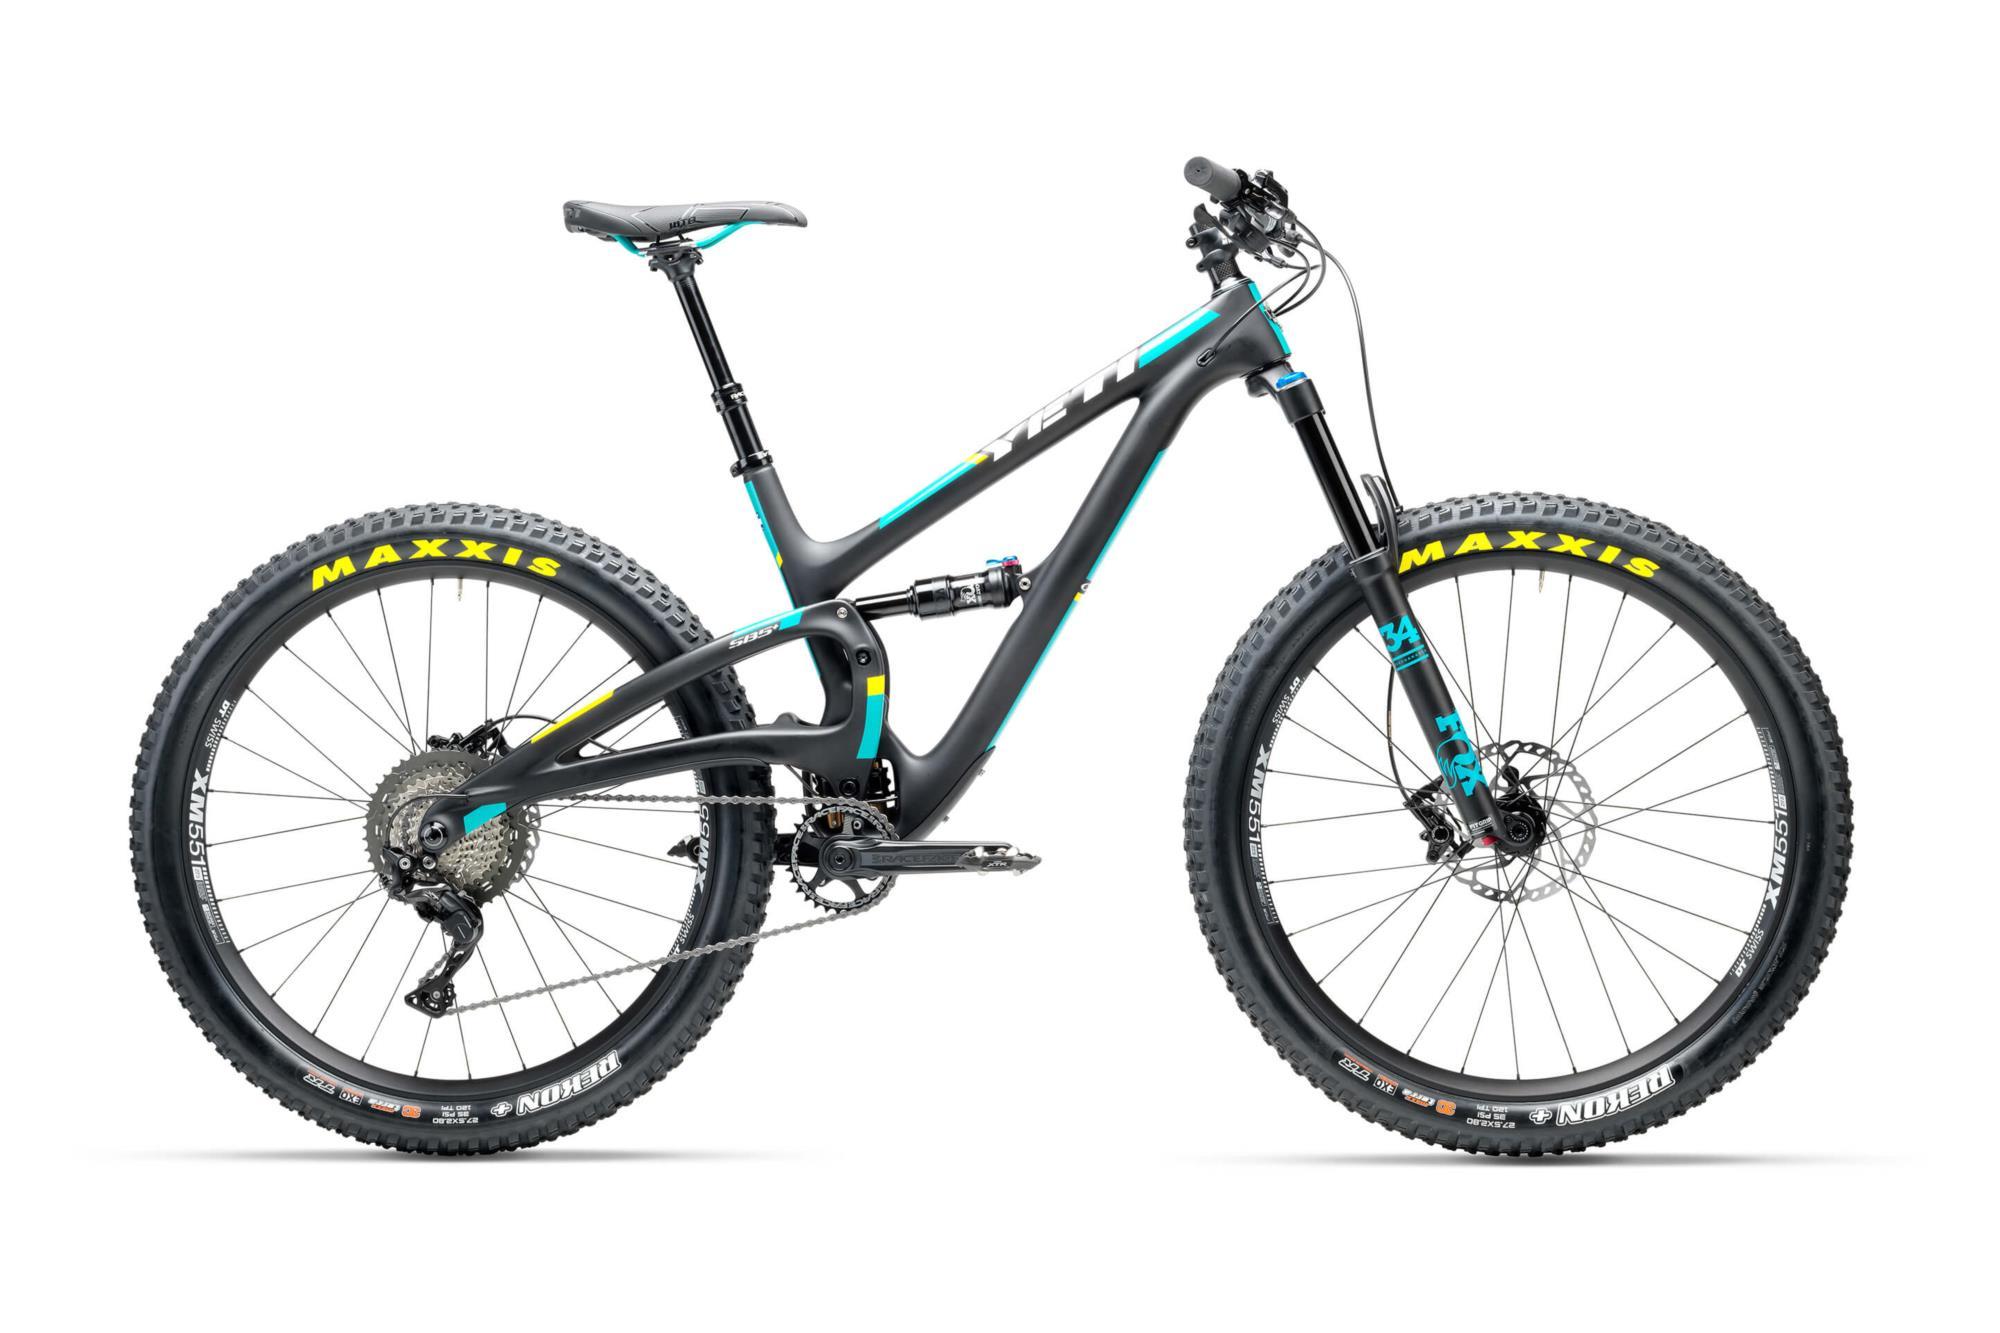 2017 Yeti SB5+ C-Series 27.5